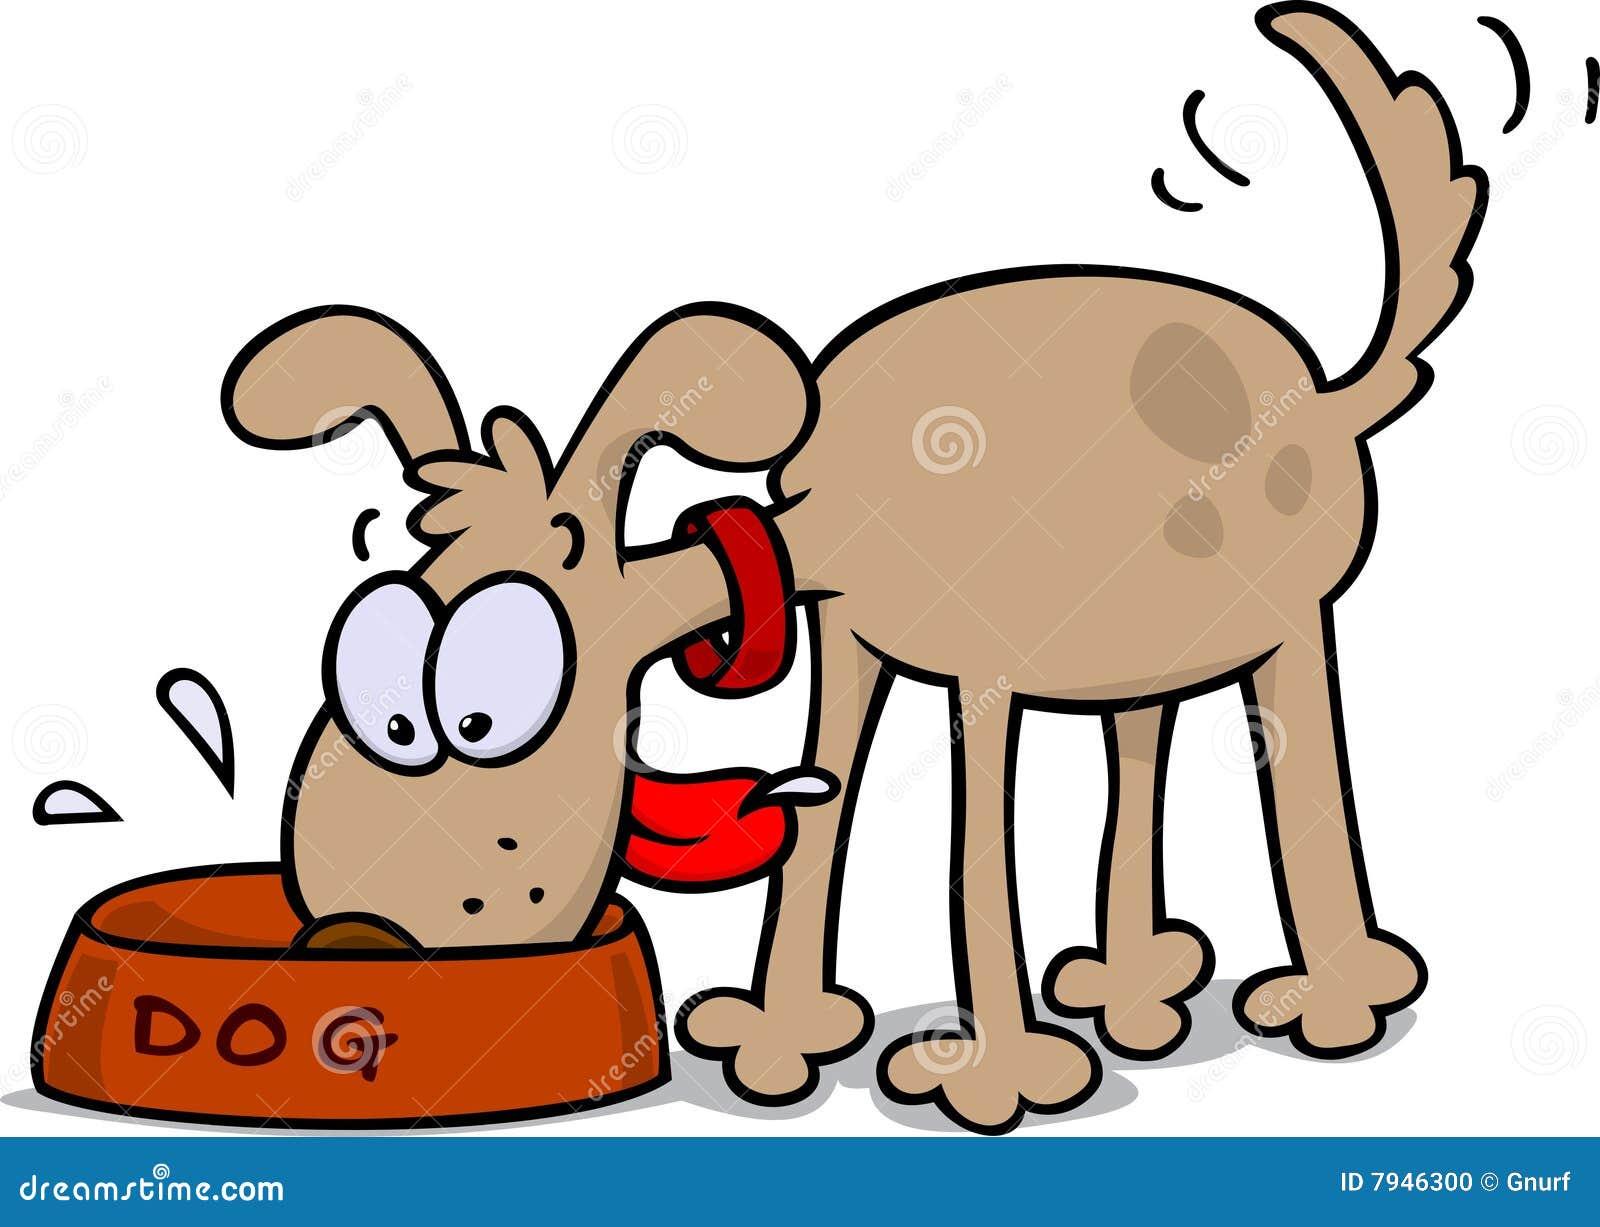 Dog Stealing Food Cartoon